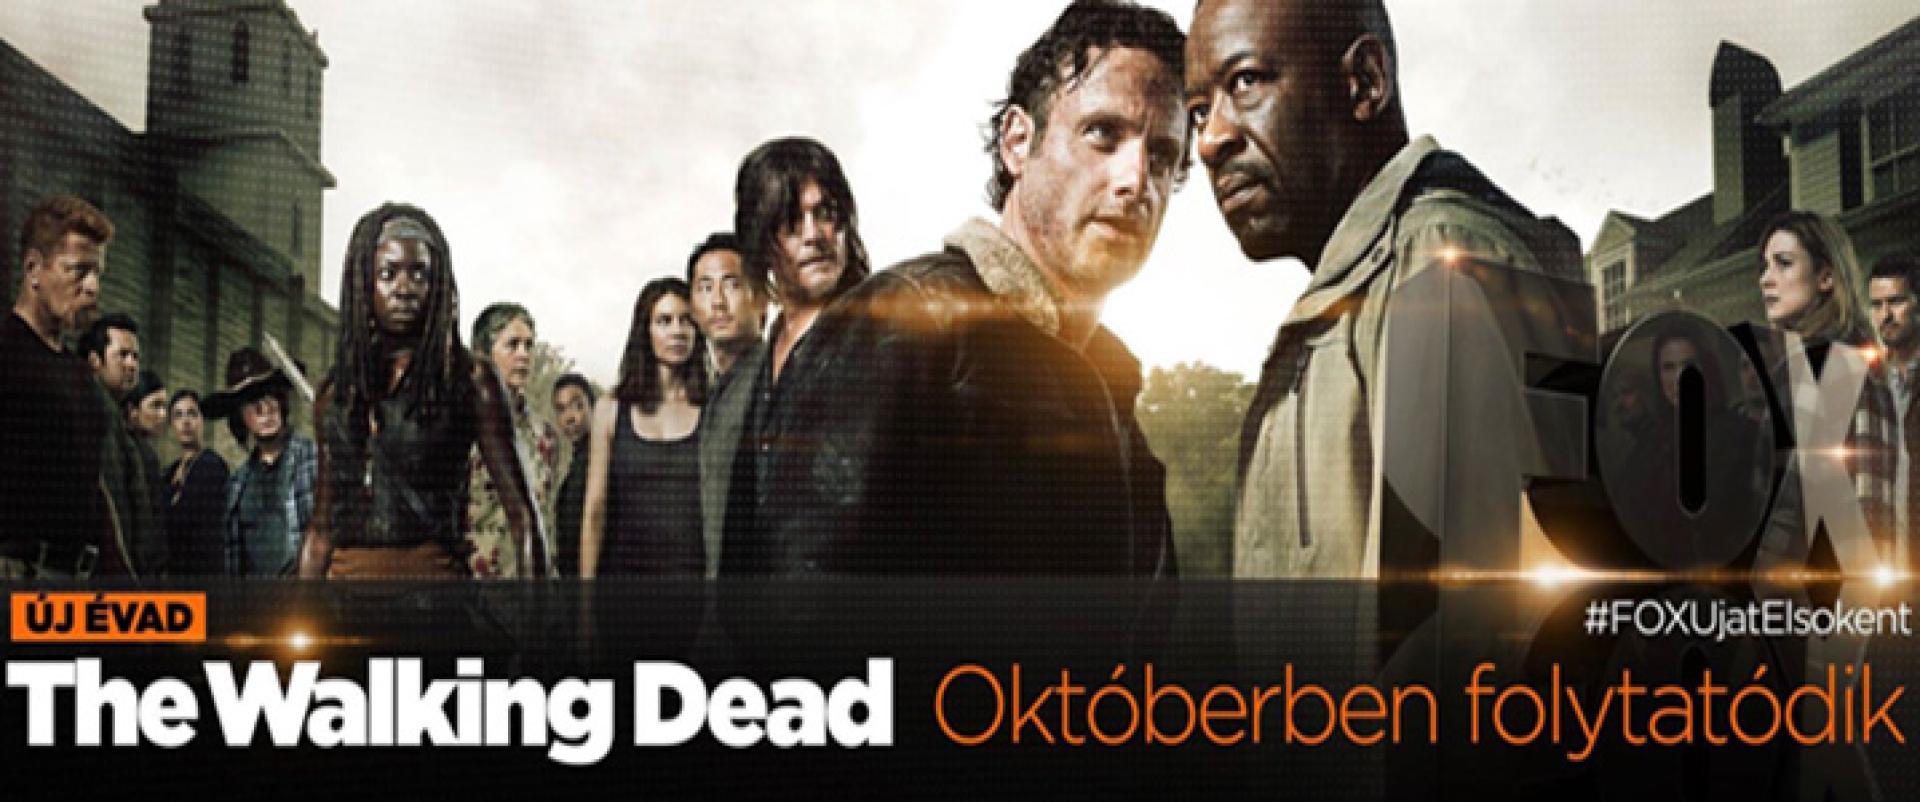 The Walking Dead, 6. évad: itt az előzetes